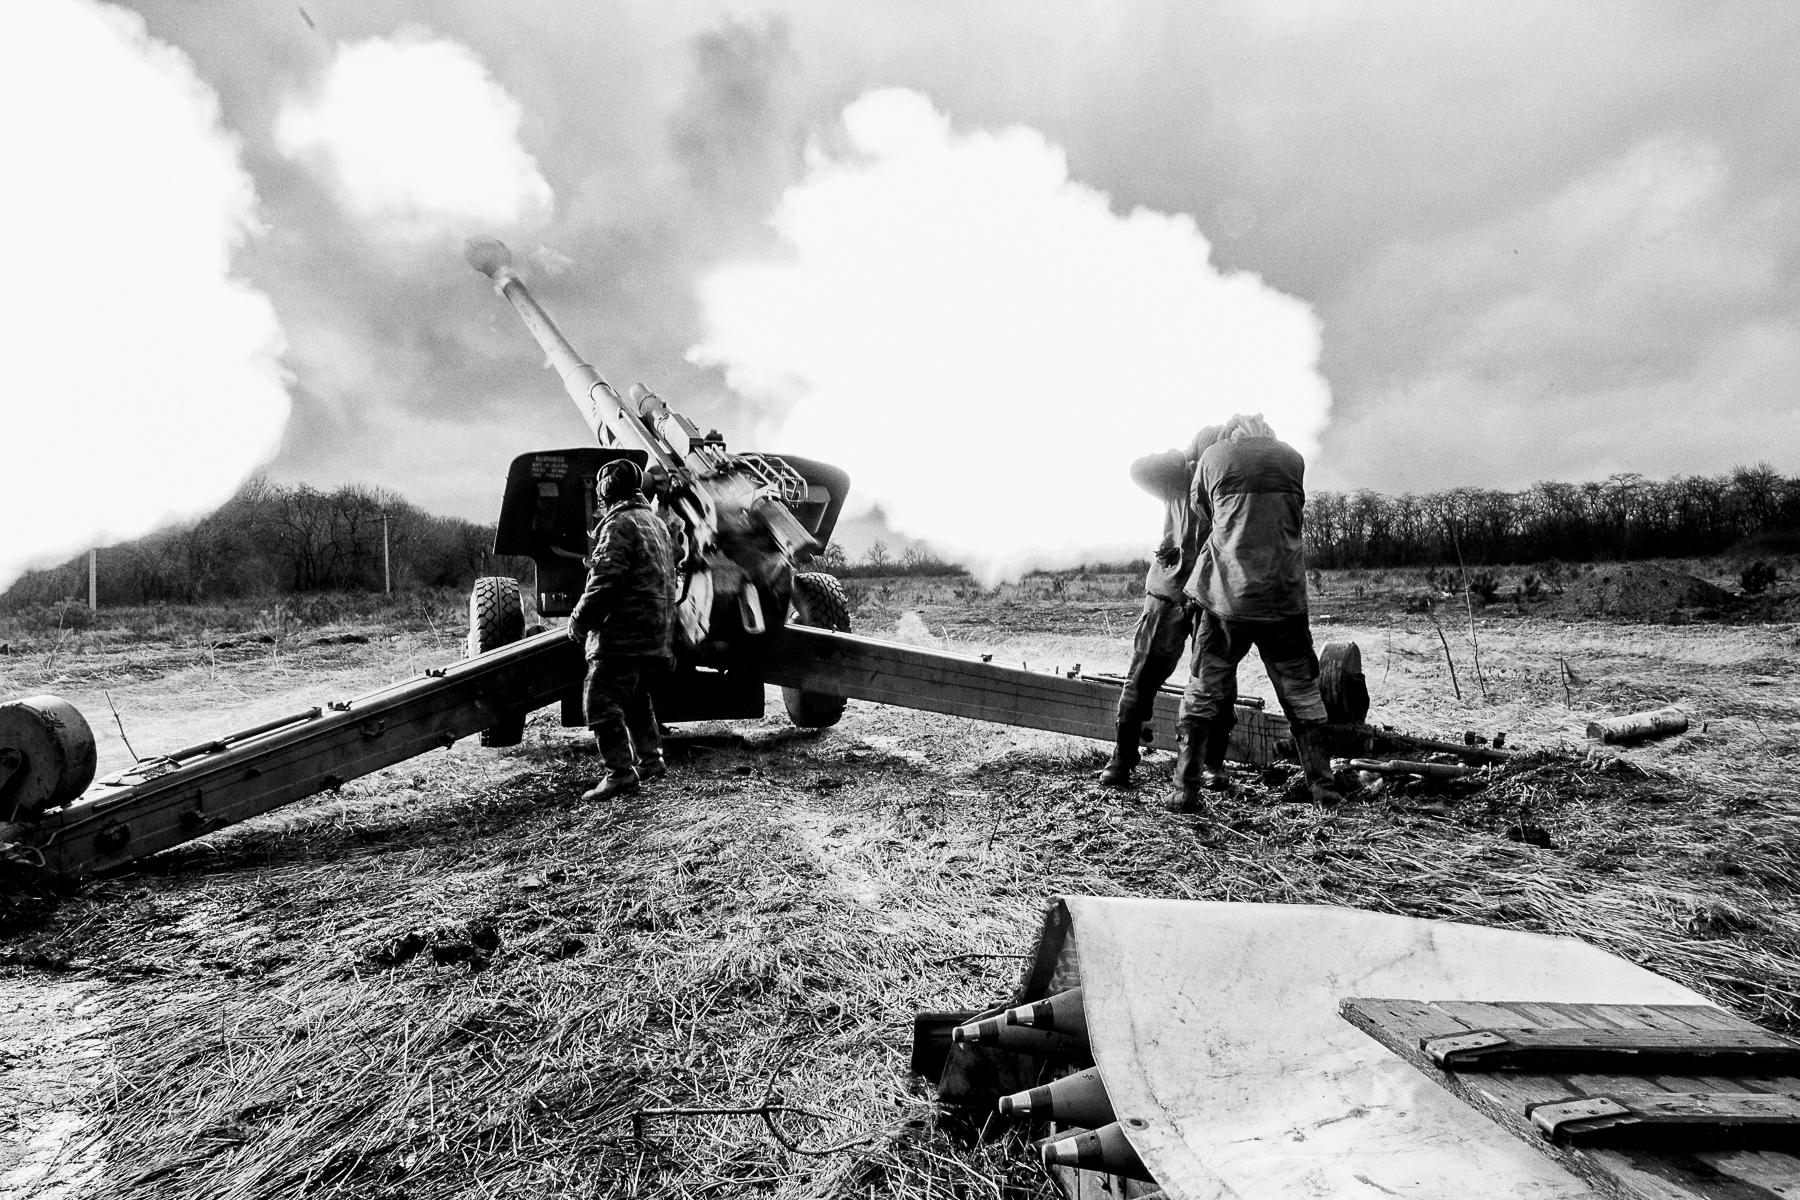 Dans les bois à l\'extérieur de Donetsk et du quartier Kievsky une batterie de 152 mm tire sur les positions de l\'armée ukrainienne à 12 km. Les obus de 152 mm pèsent 47 kg avec une charge de 11 kg de poudre pour les propulser. Les servants de la batterie jouent au foot et se réchauffent dans un abris construit avec des caisses de munitions. Près de l\'aéroport de Donetsk 5 chars armés de canon de 122 mm font feu sur l\'armée de Kiev. Ce bataillon est commandé par le Ct Svat au premier plan qui ordonne le tire comme un chef d\'orchestre..Un homme de sont peloton fait tourner un verre de vodka autour de lui avant de le boire.Le centre de réhabilitation psychologique et sociale pour les enfants. Les enfants dessinent les traumatismes qu\'ils ont vécus dirigés par Tatiana Sorkina.